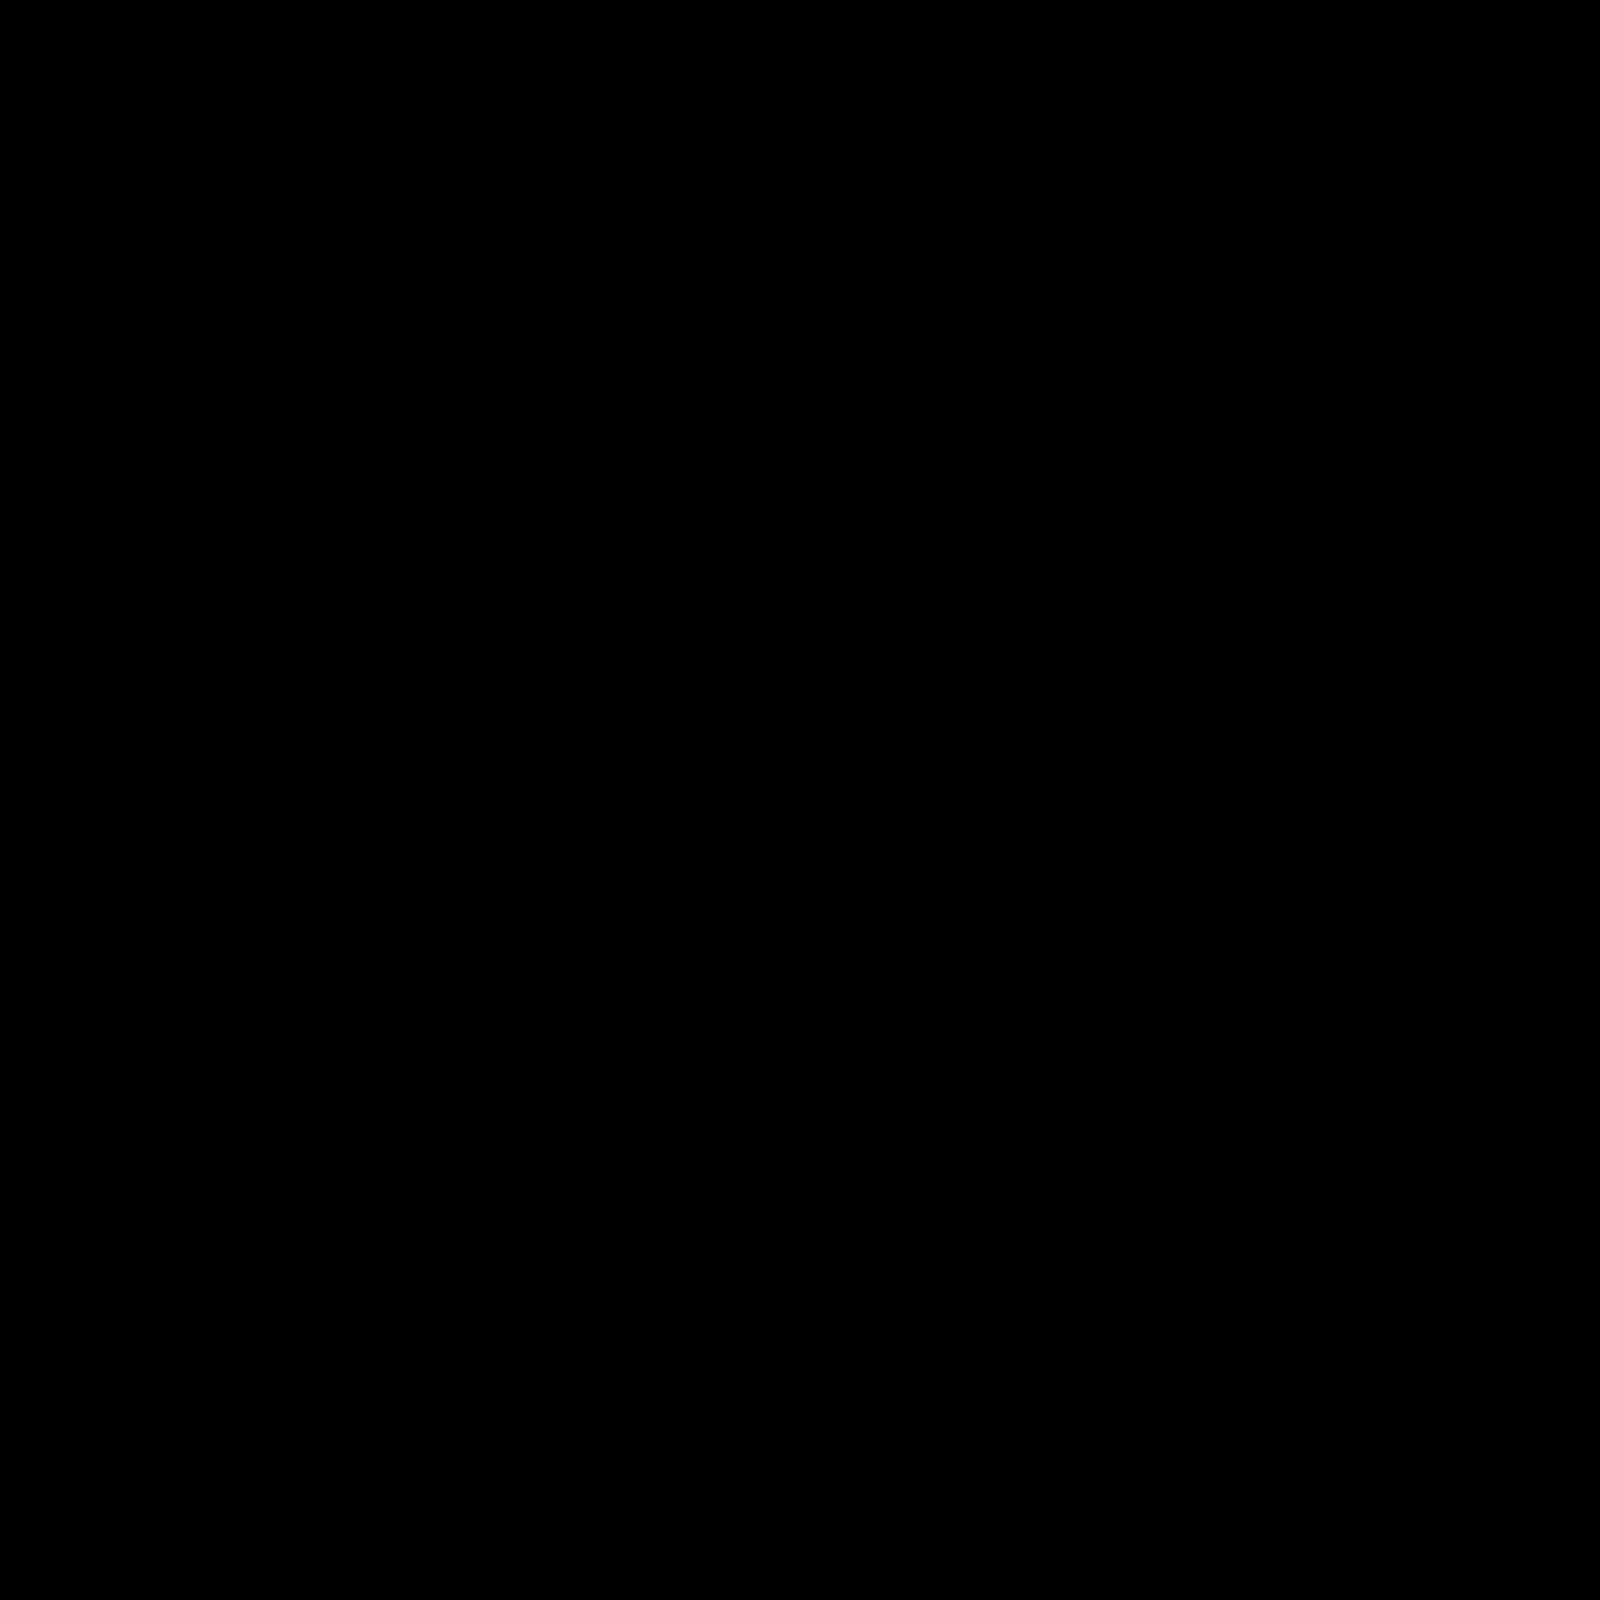 Zeitplan icon